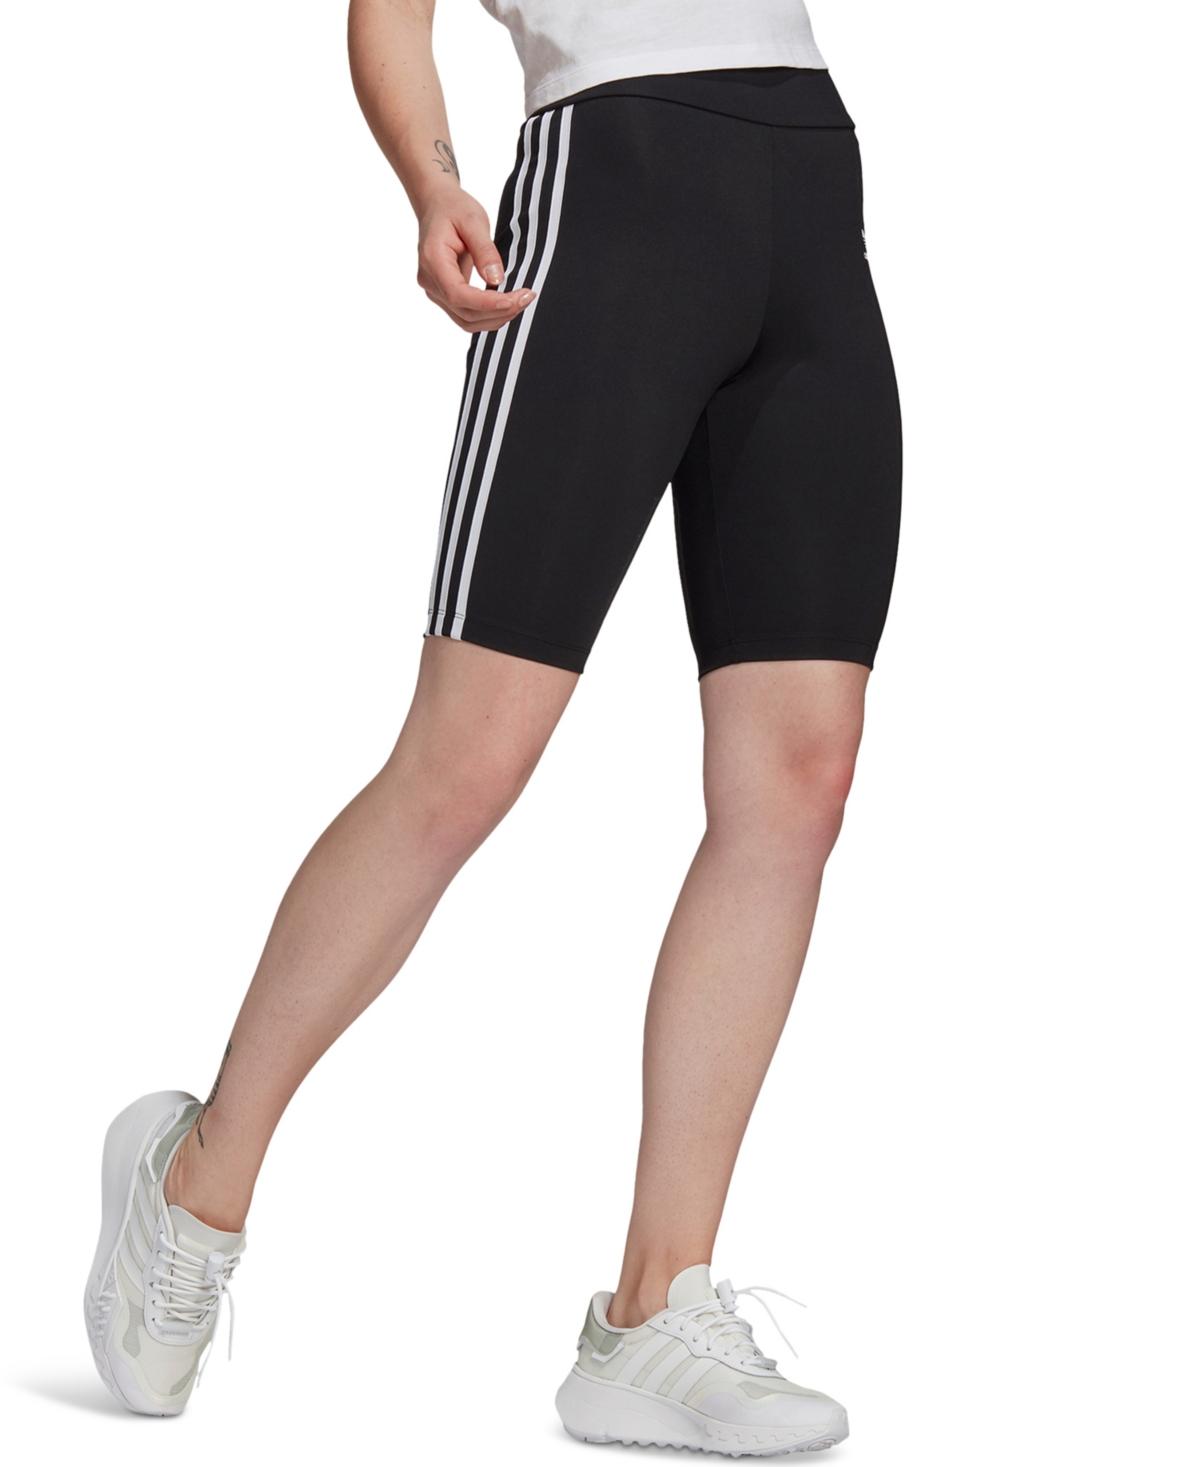 adidas Originals Women's High-Waisted Biker Shorts PrimeBlue